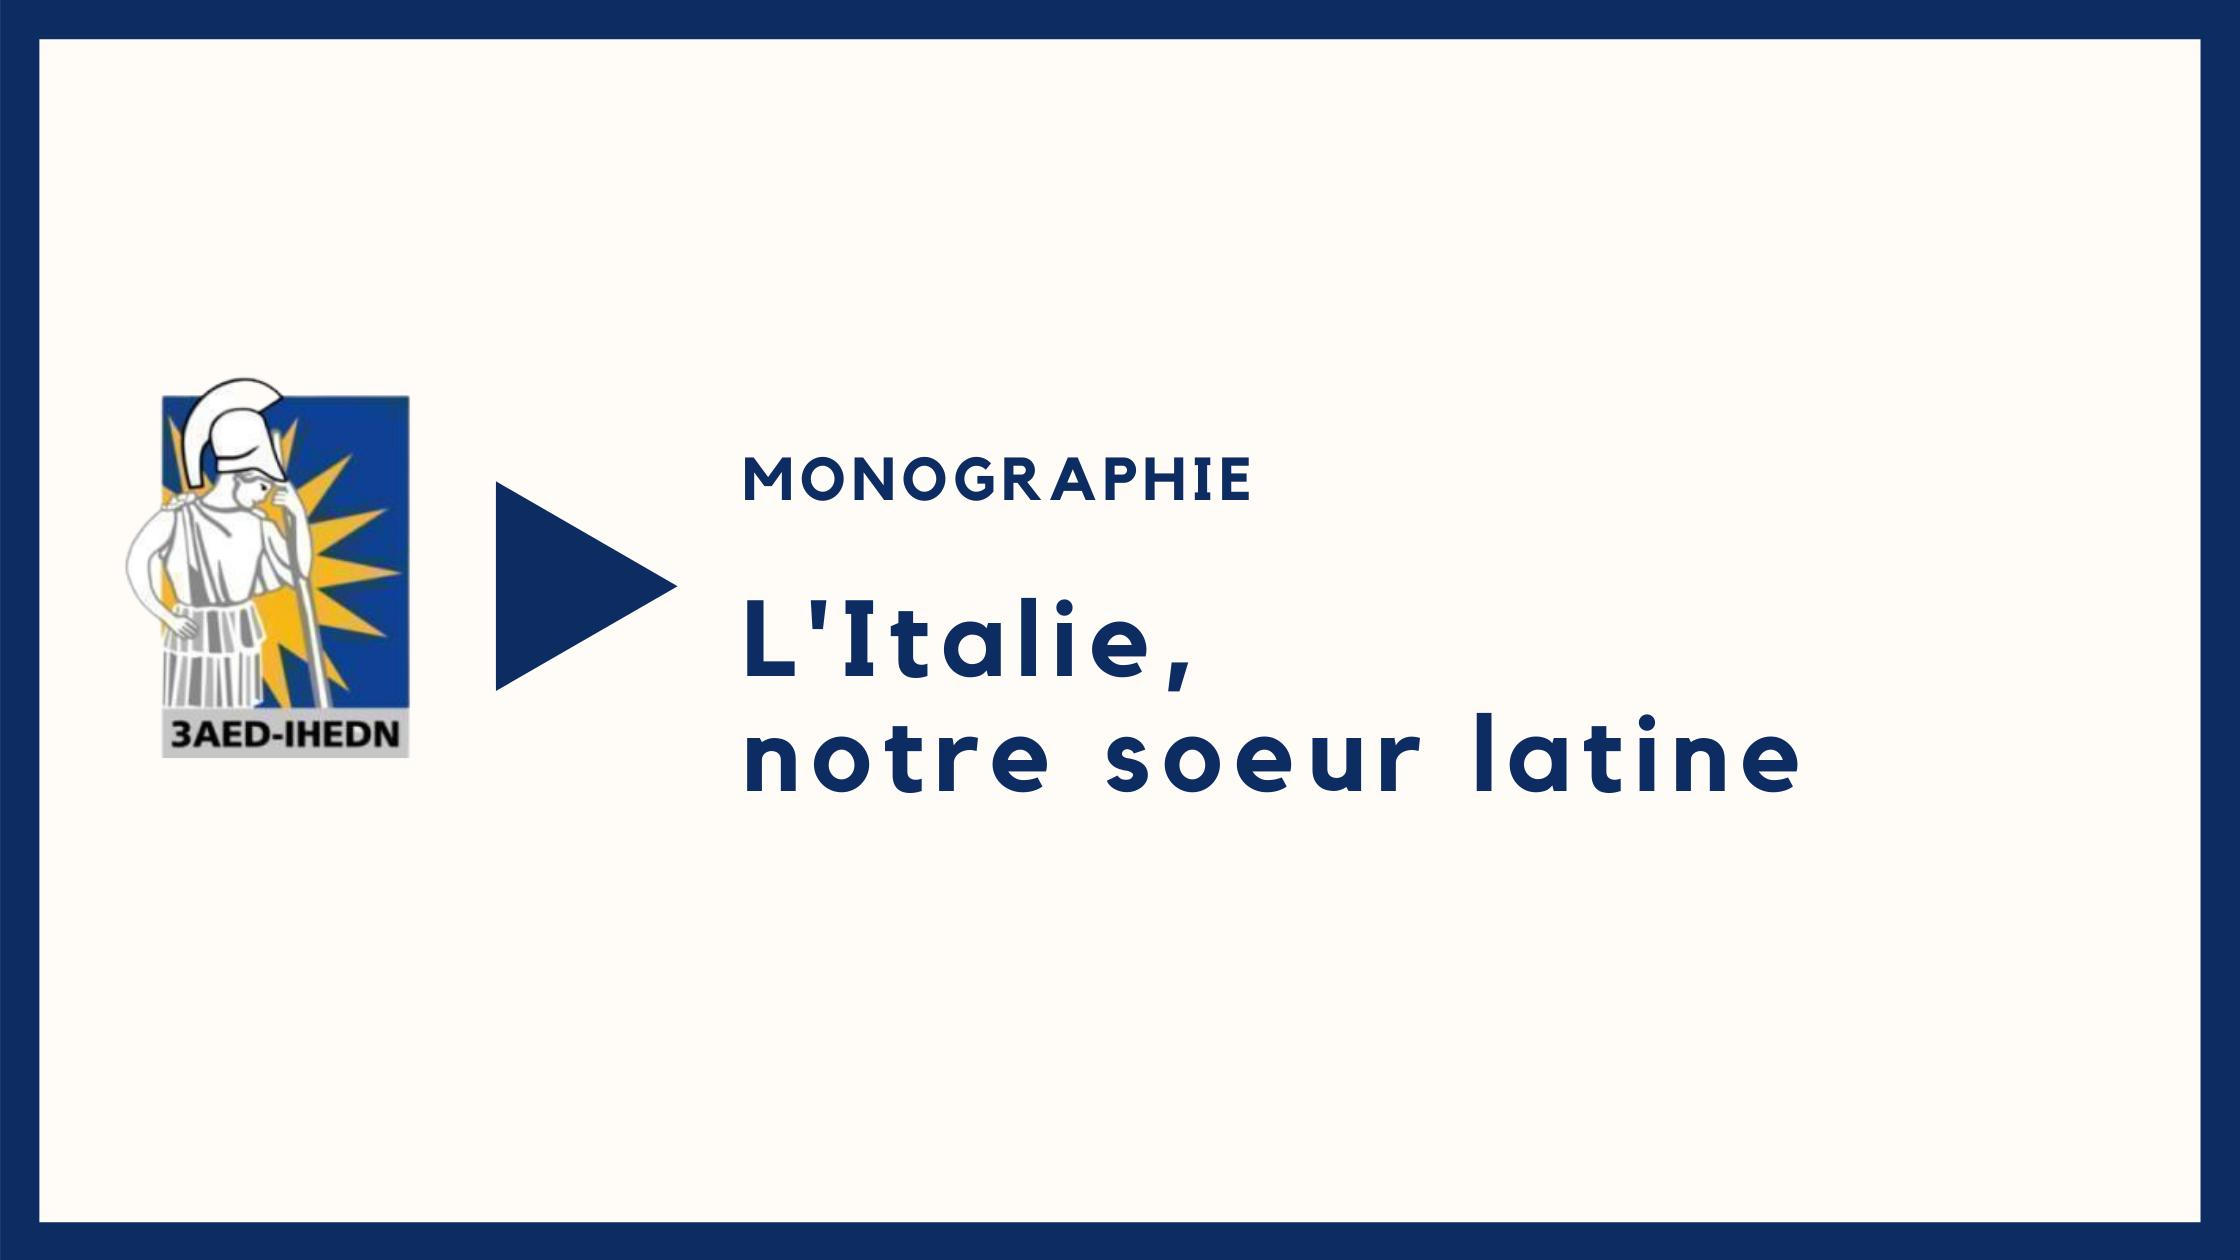 Monographie | L'Italie, notre soeur latine